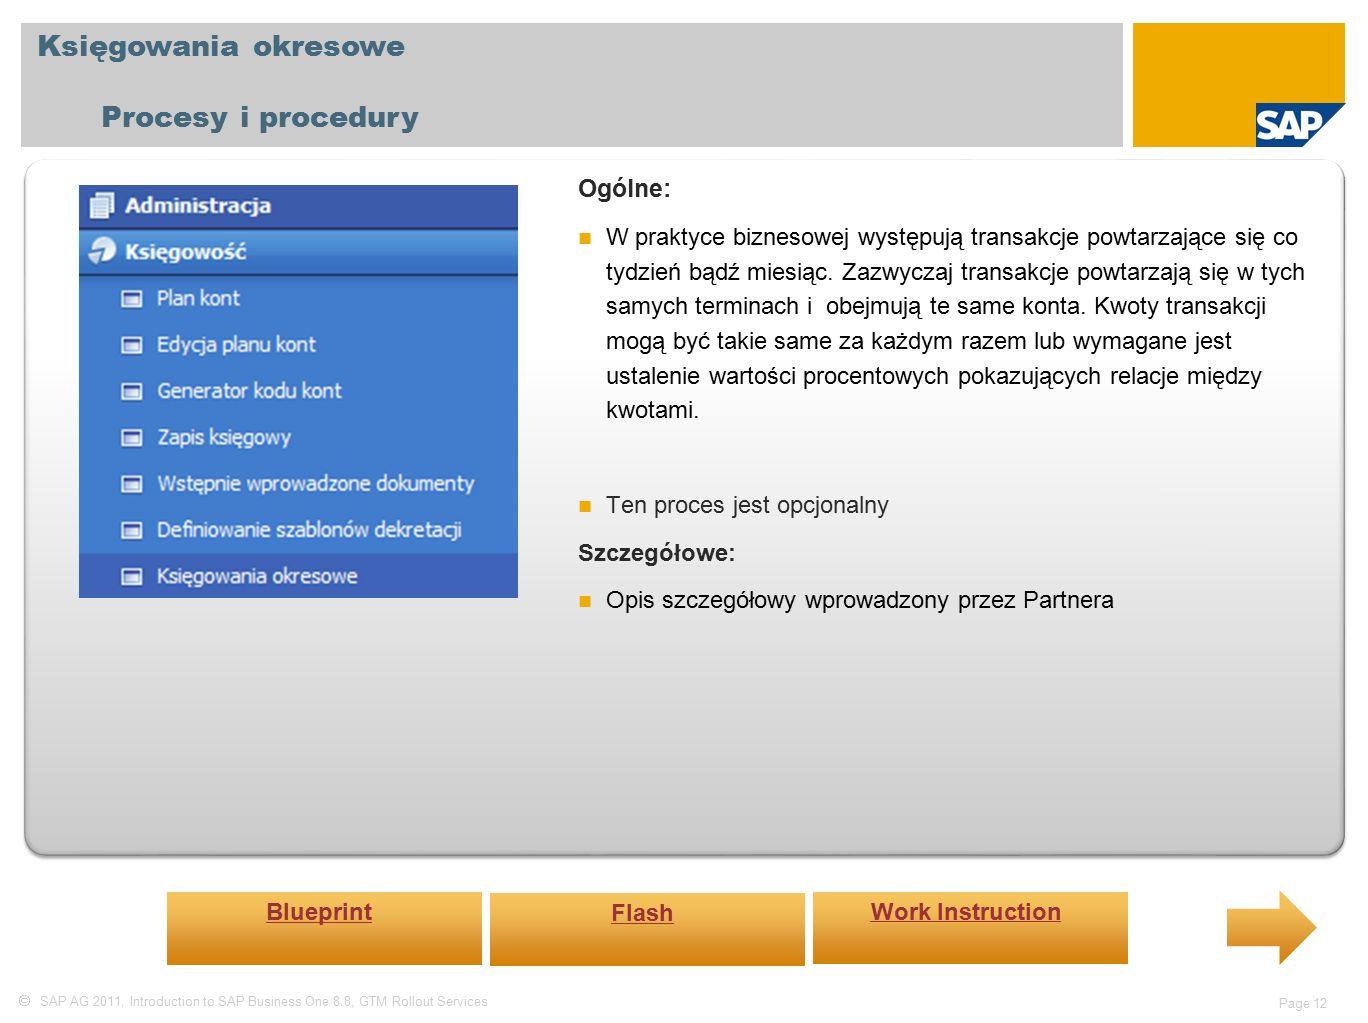  SAP AG 2011, Introduction to SAP Business One 8.8, GTM Rollout Services Page 12 Księgowania okresowe Procesy i procedury Ogólne: W praktyce biznesowej występują transakcje powtarzające się co tydzień bądź miesiąc.